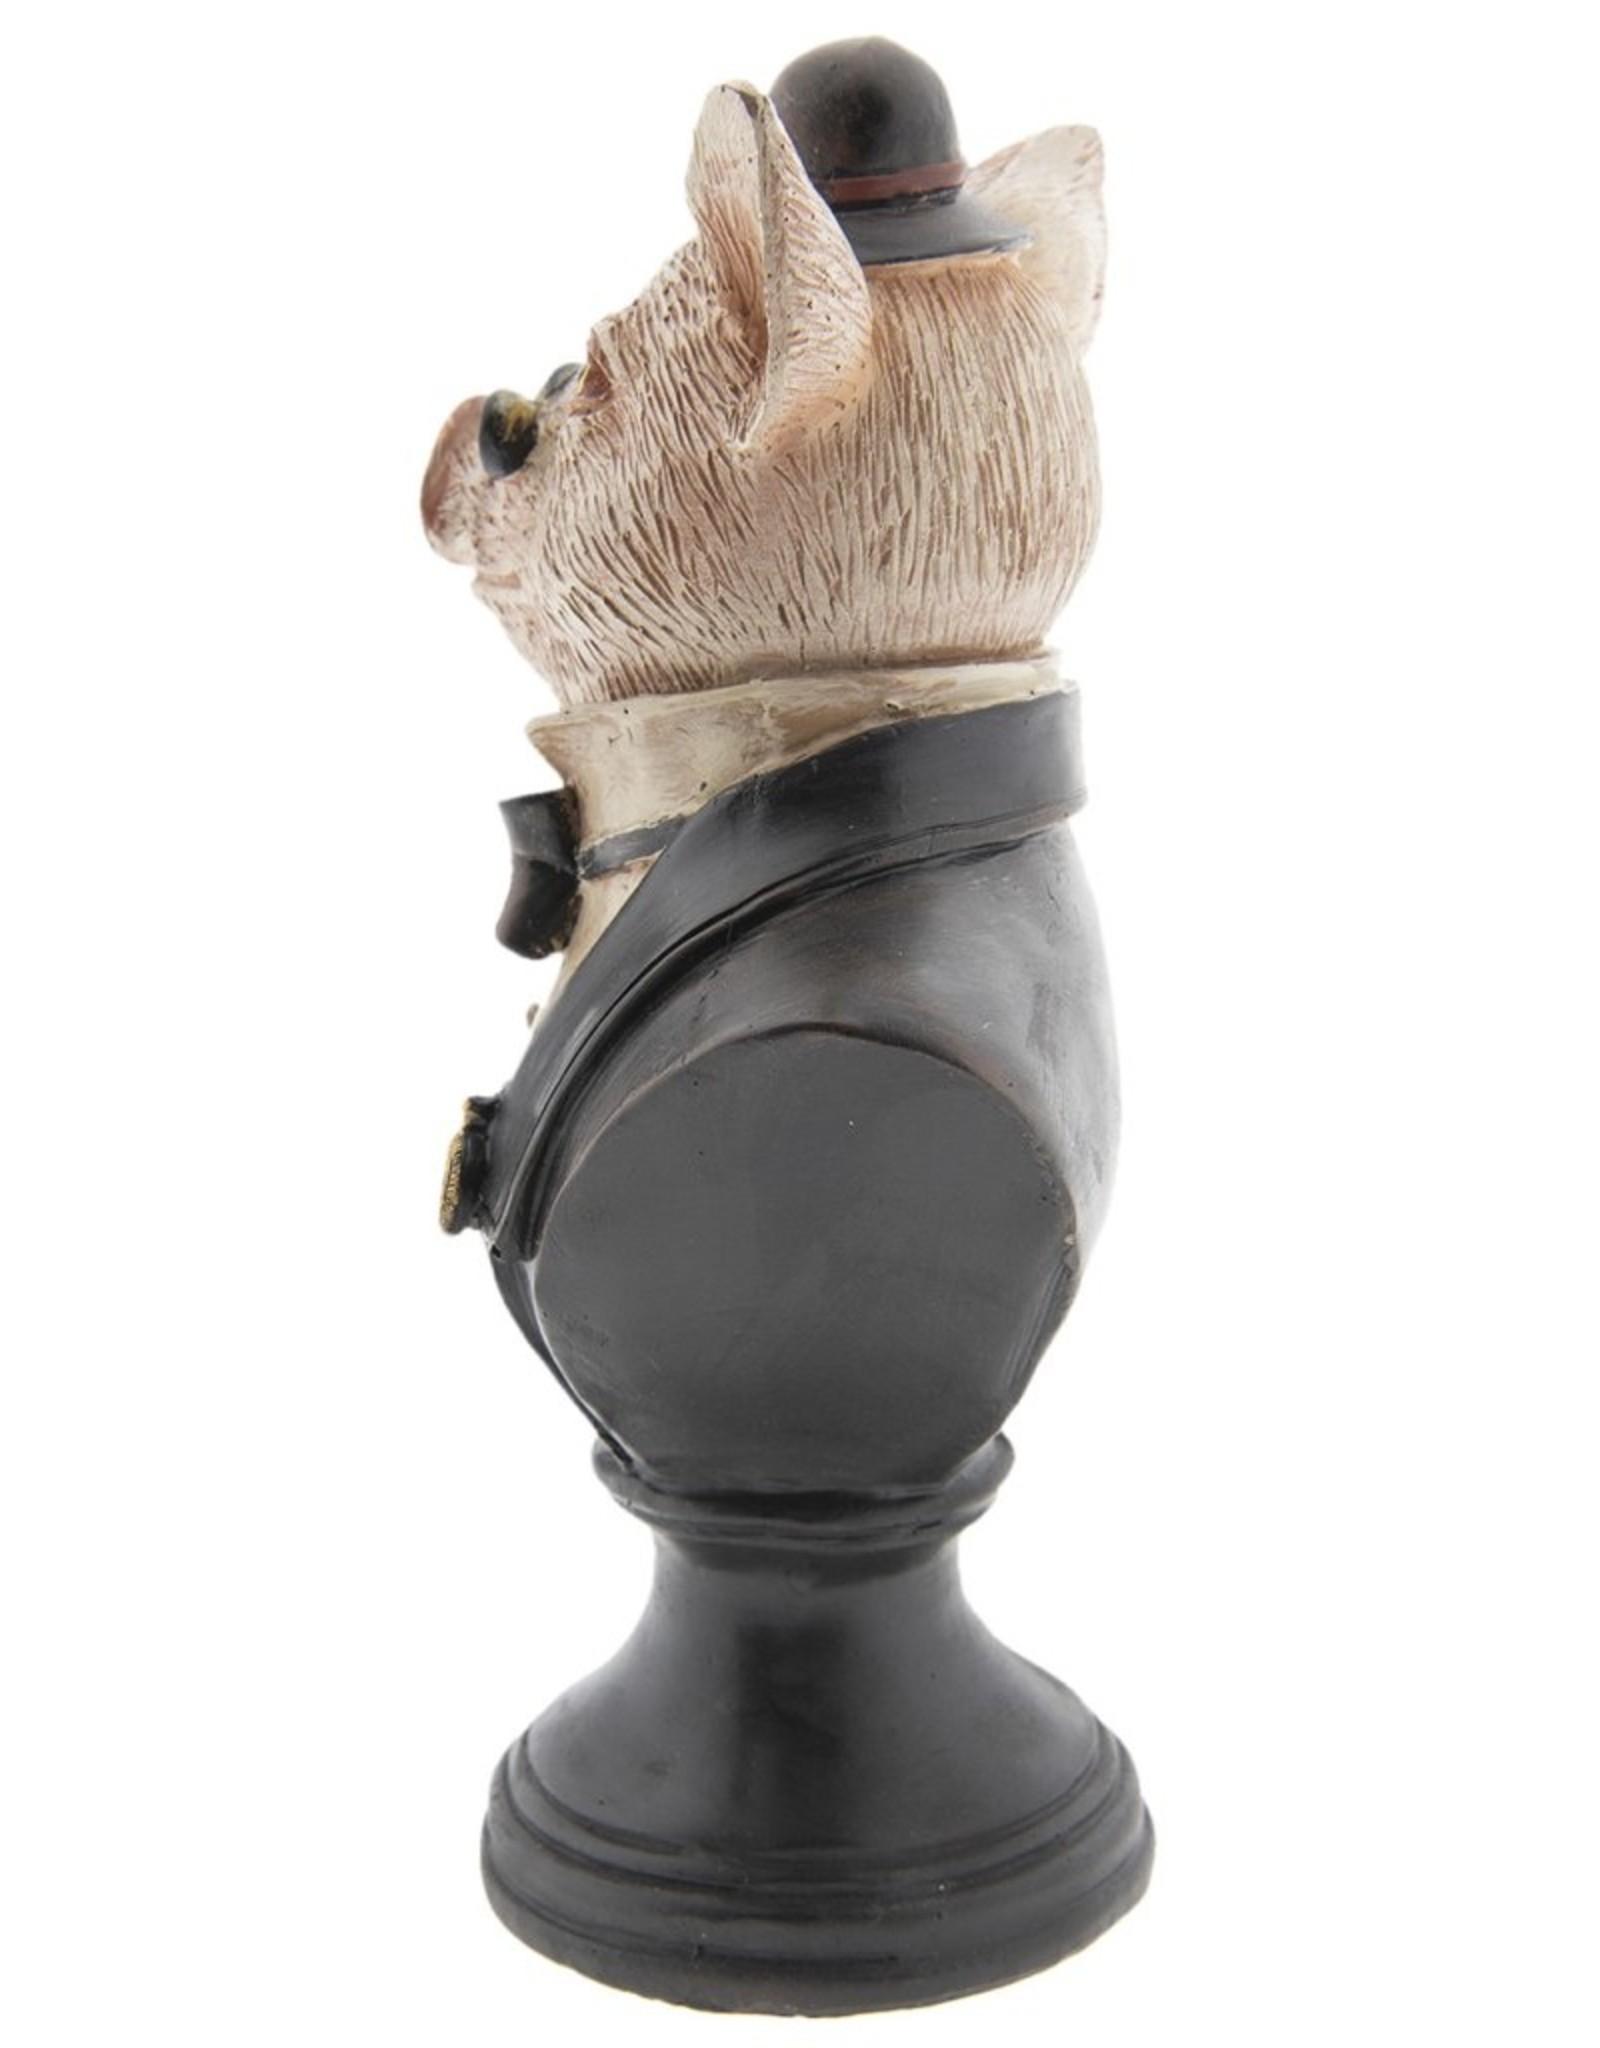 Varken Klerk beeld Giftware Beelden Collectables - Varken Klerk beeld 24cm (buste)